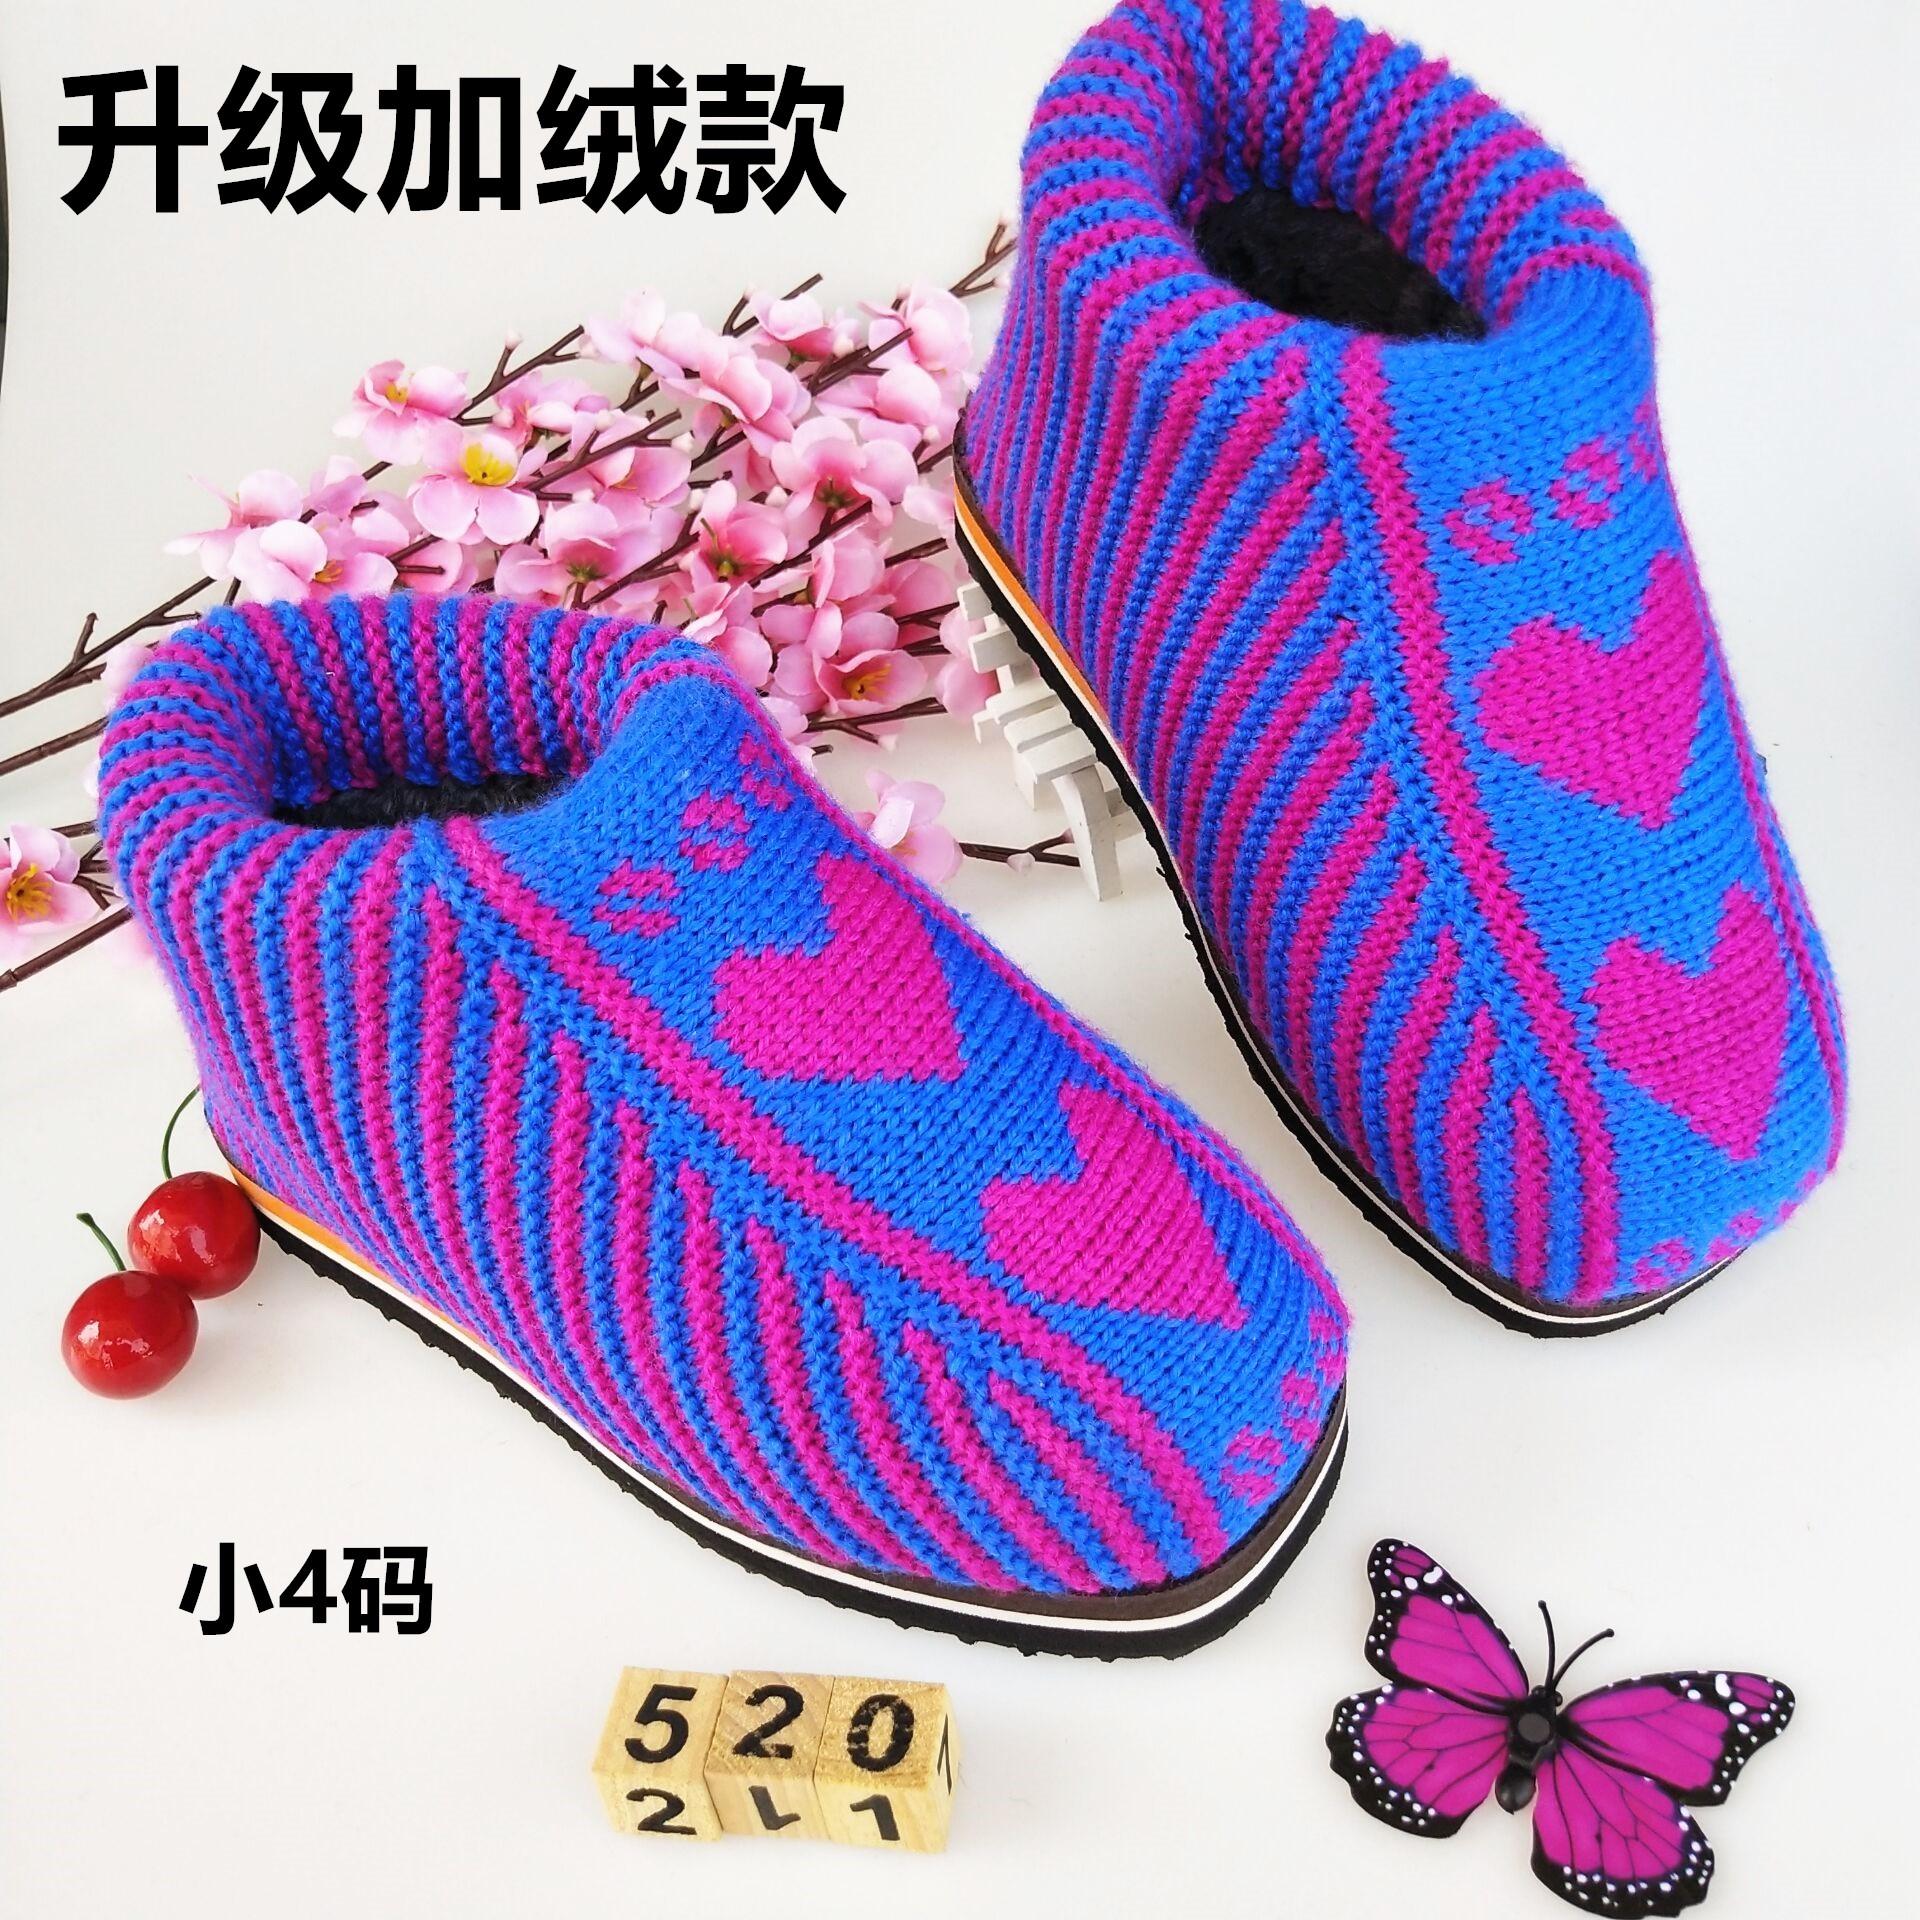 纯手工毛线鞋成人手工编织毛线鞋针织毛线鞋成品保暖毛线棉鞋男女